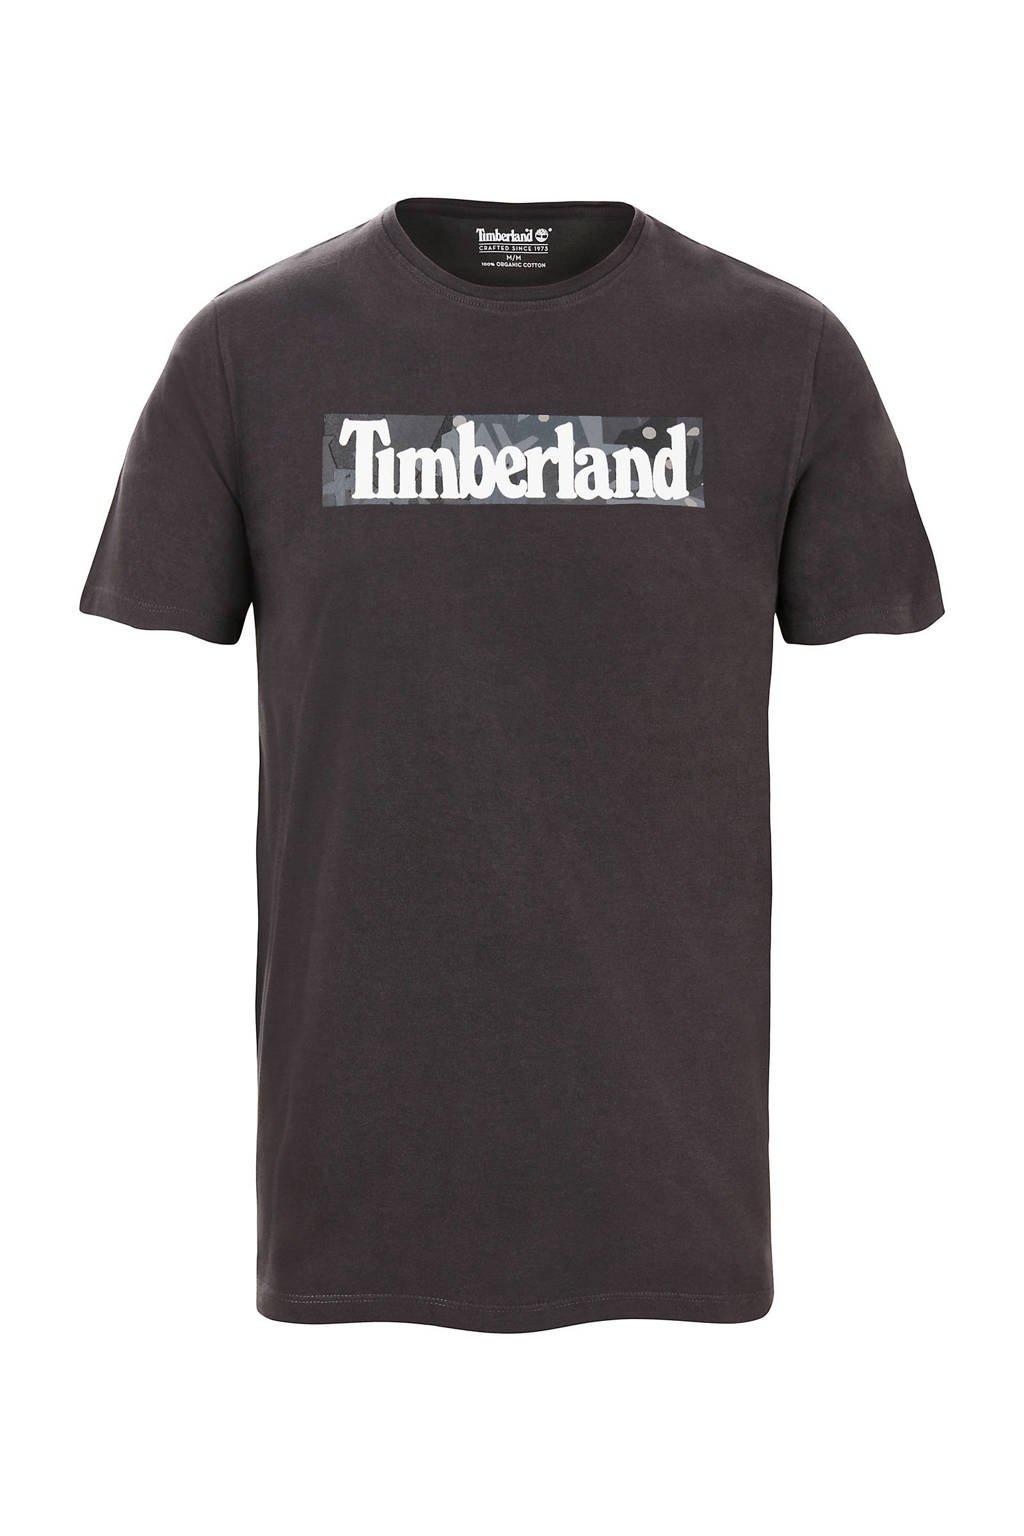 Timberland T-shirt met logo antraciet, Antraciet